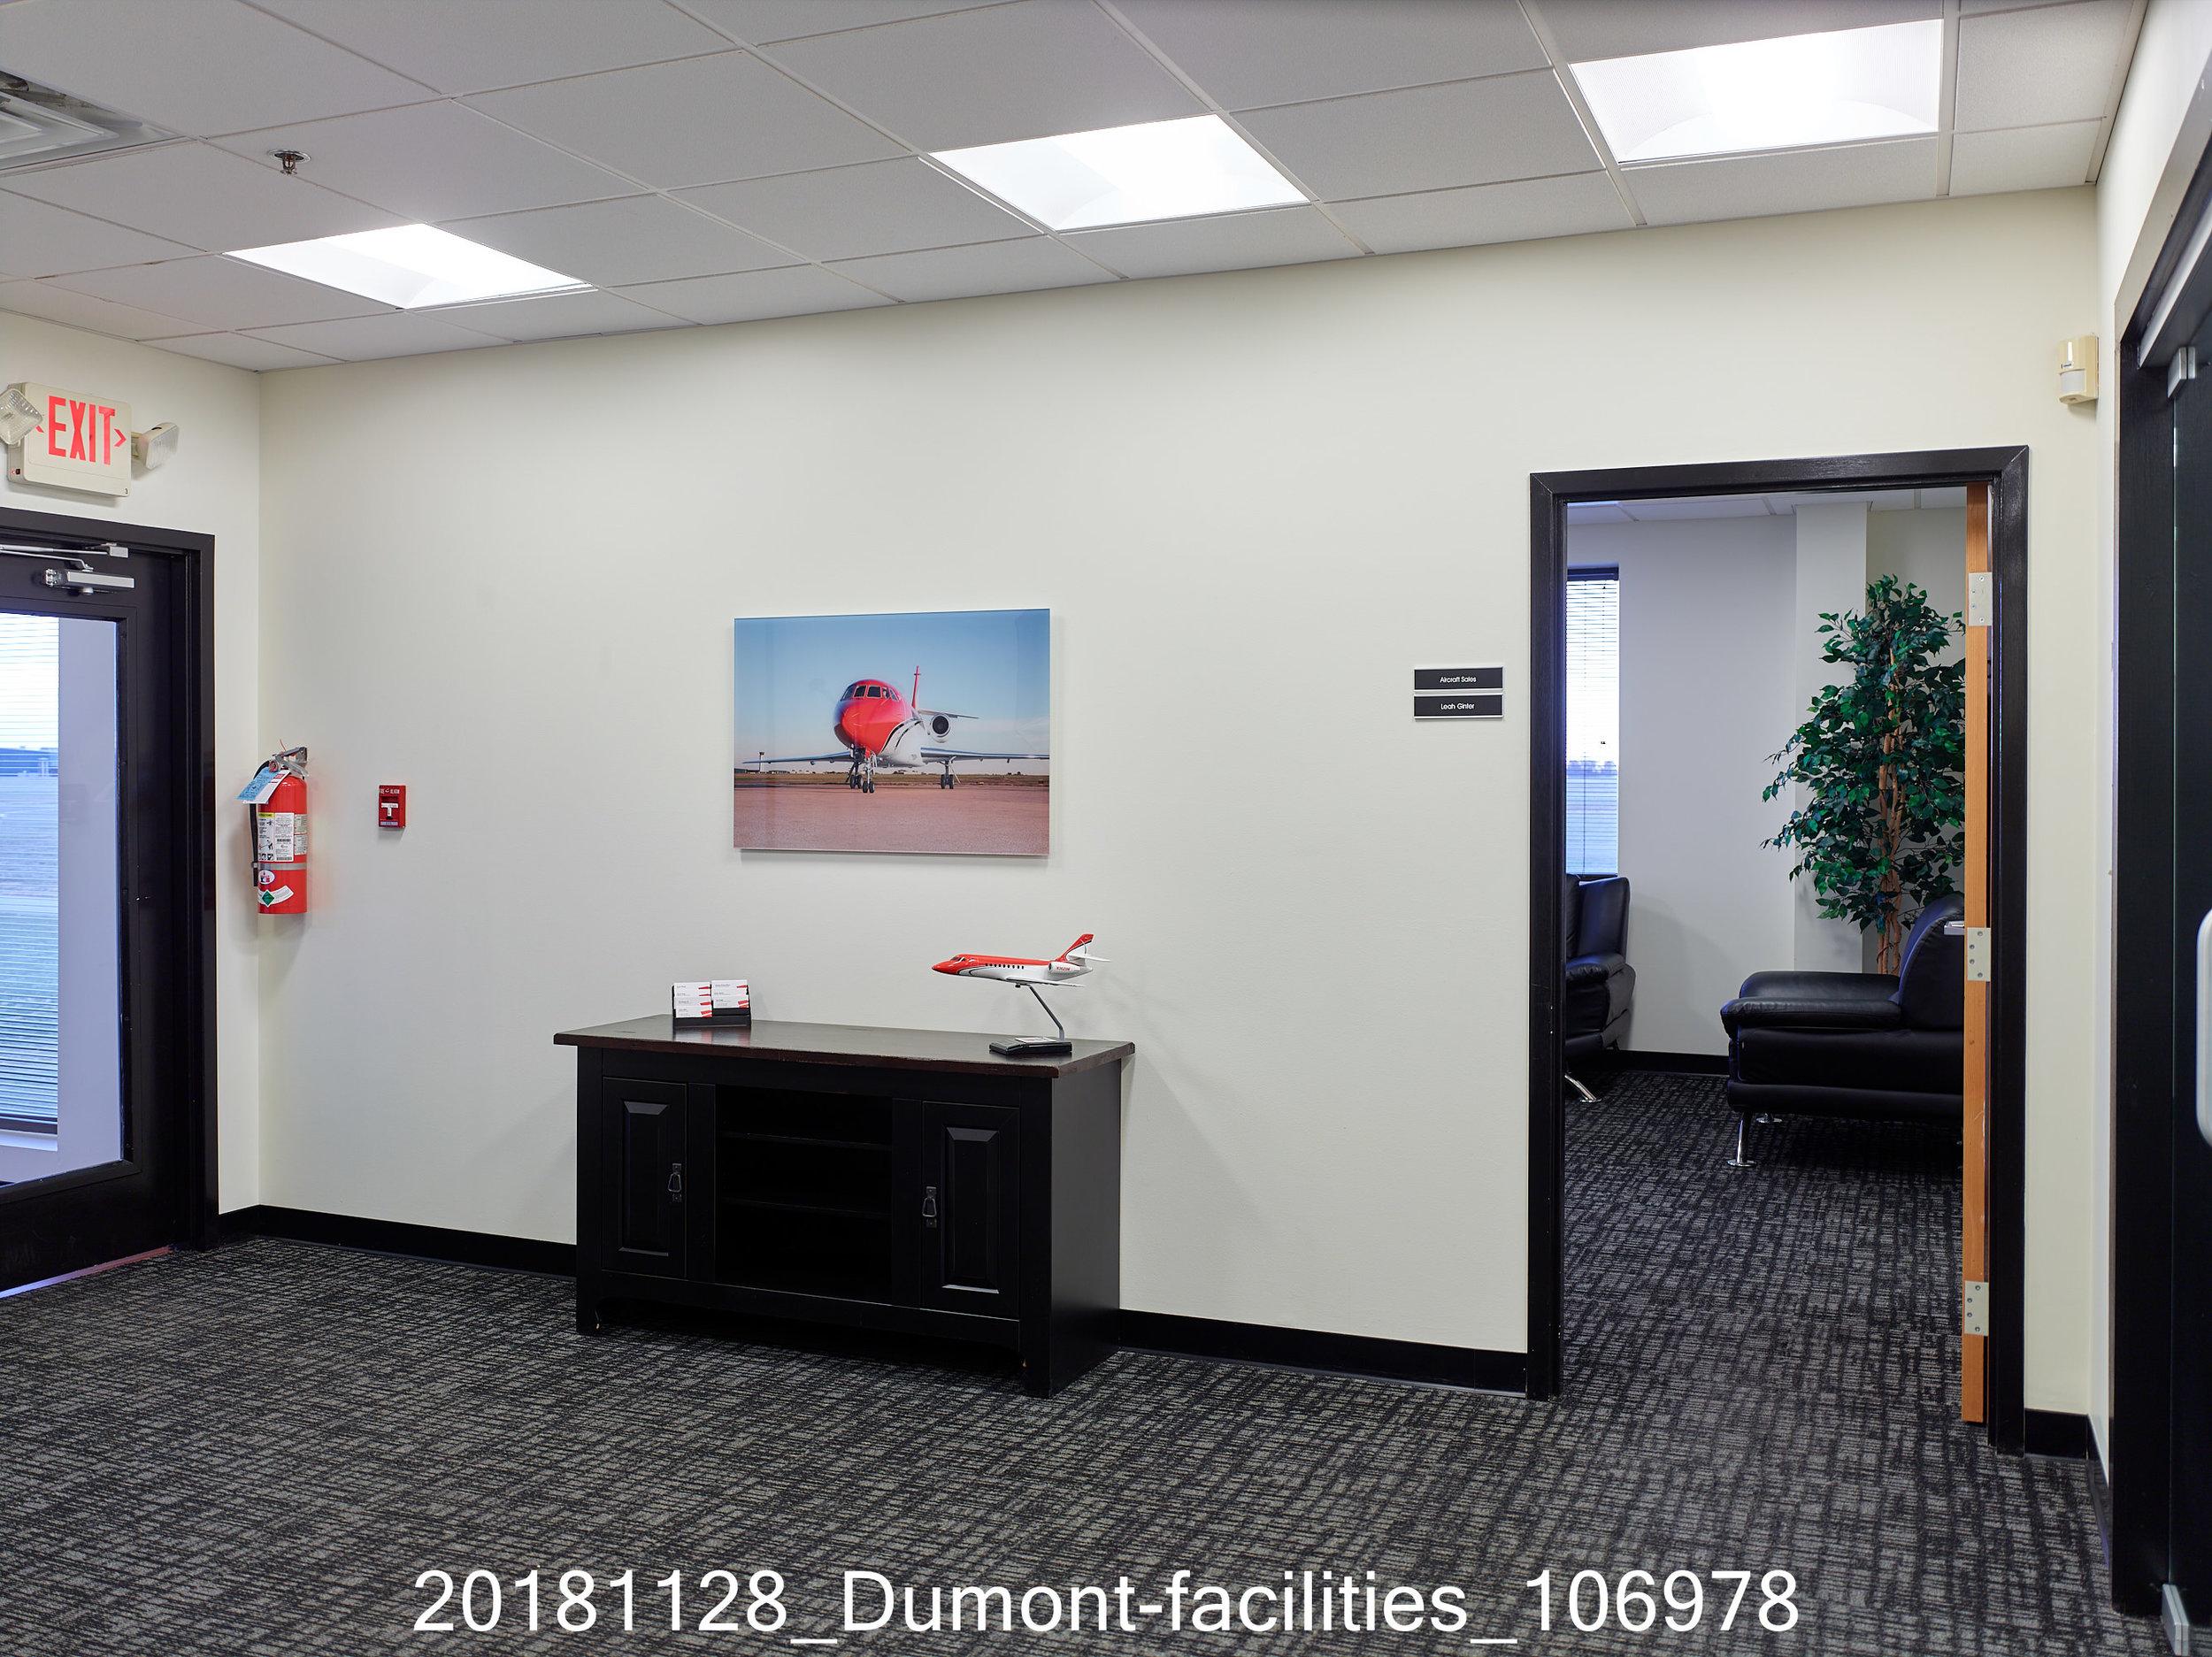 20181128_Dumont-facilities_106978.jpg